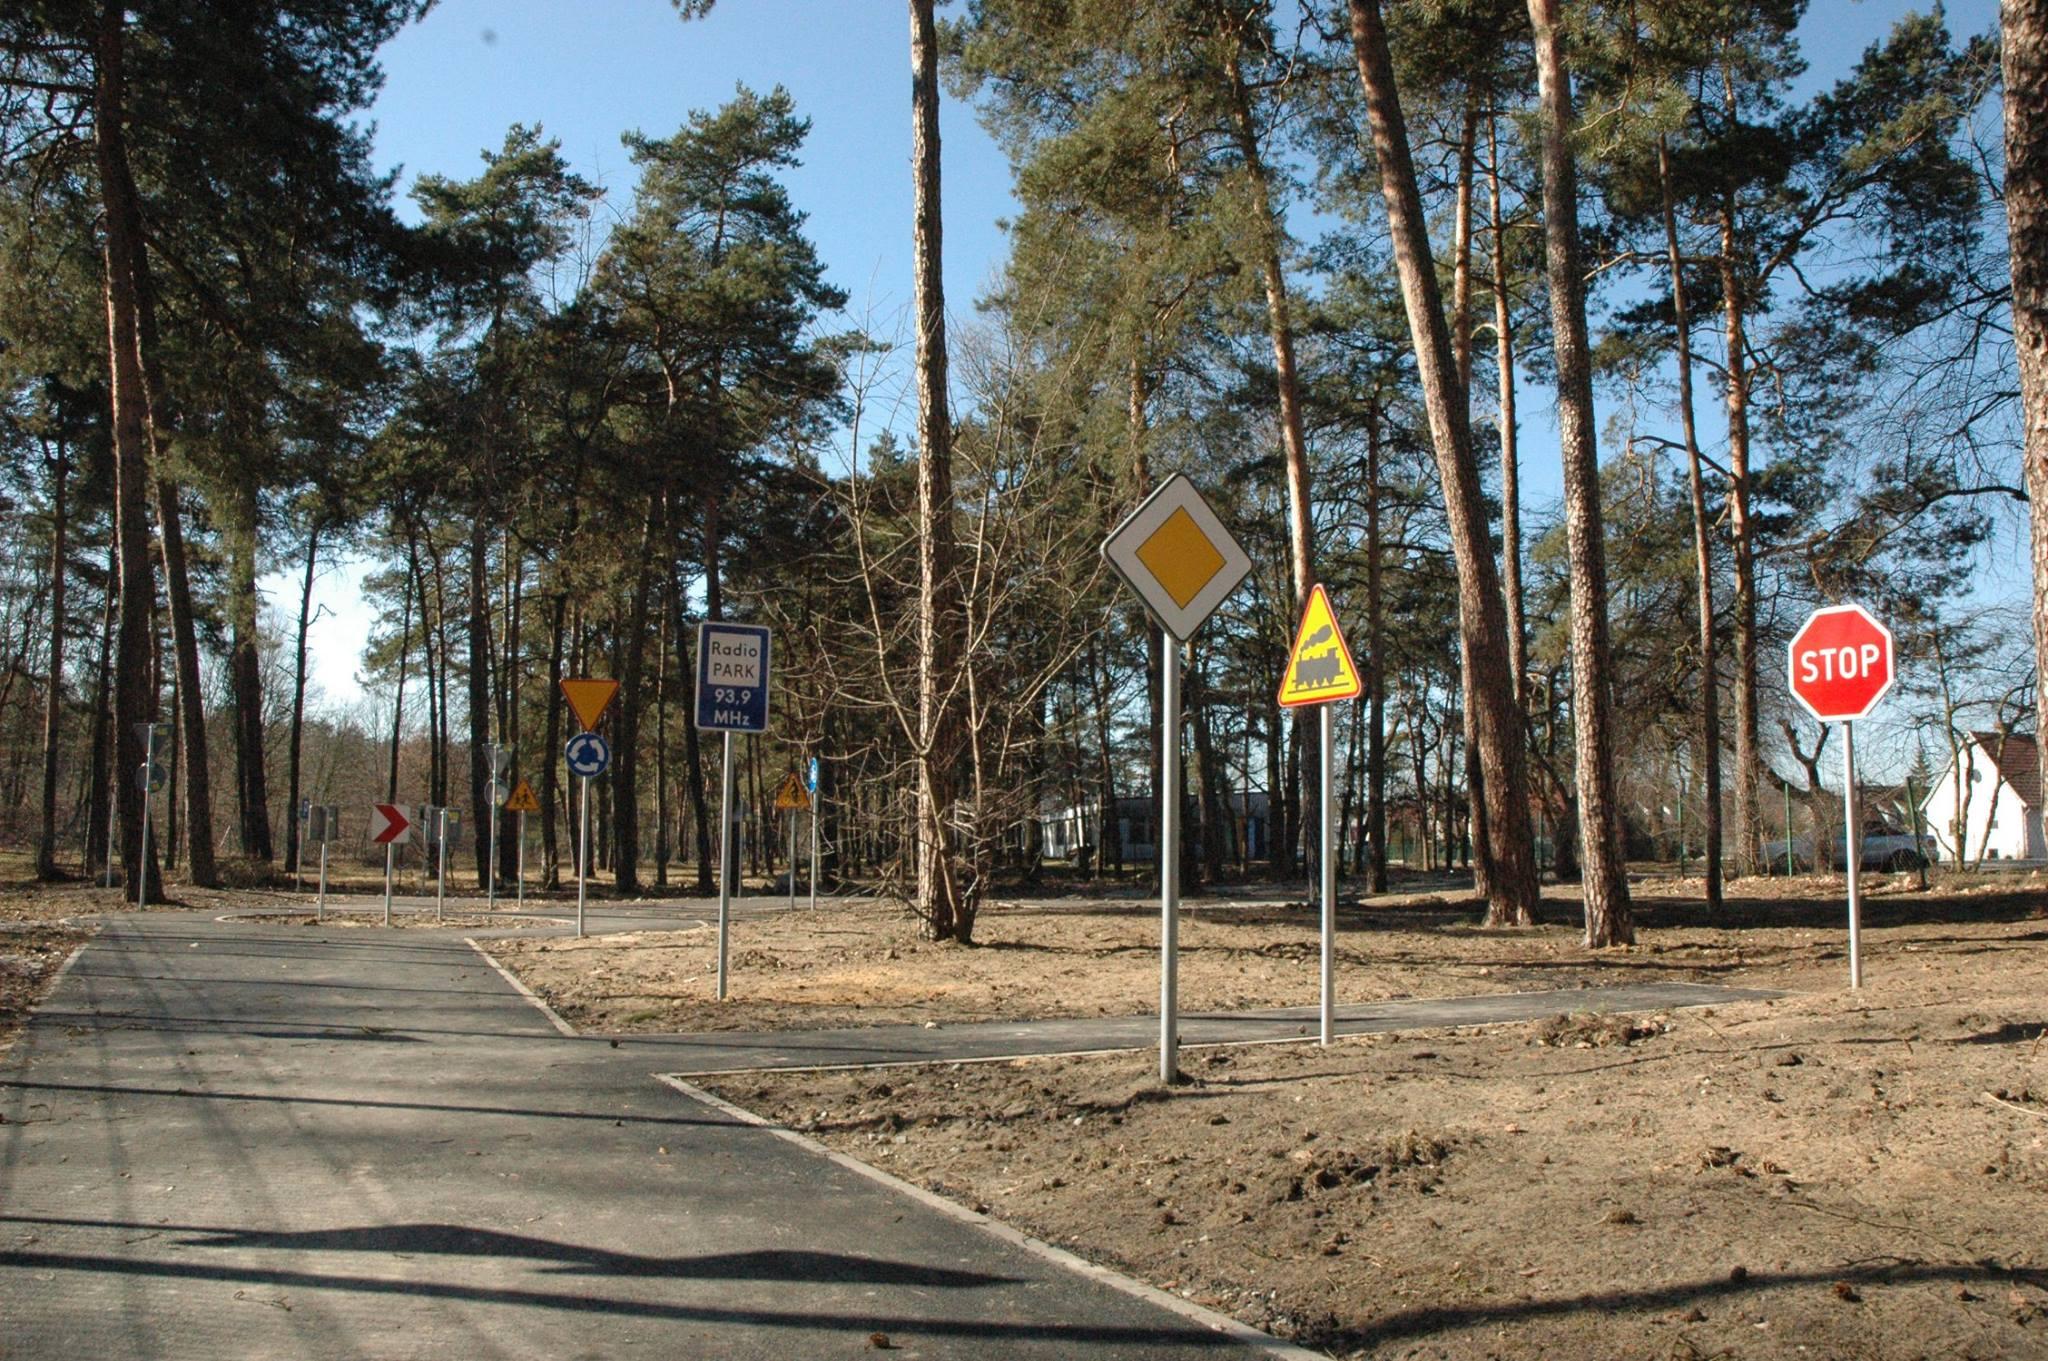 Wykonanie mini miasteczka drogowego w celach edukacyjnych dla najmłodszych dzieci